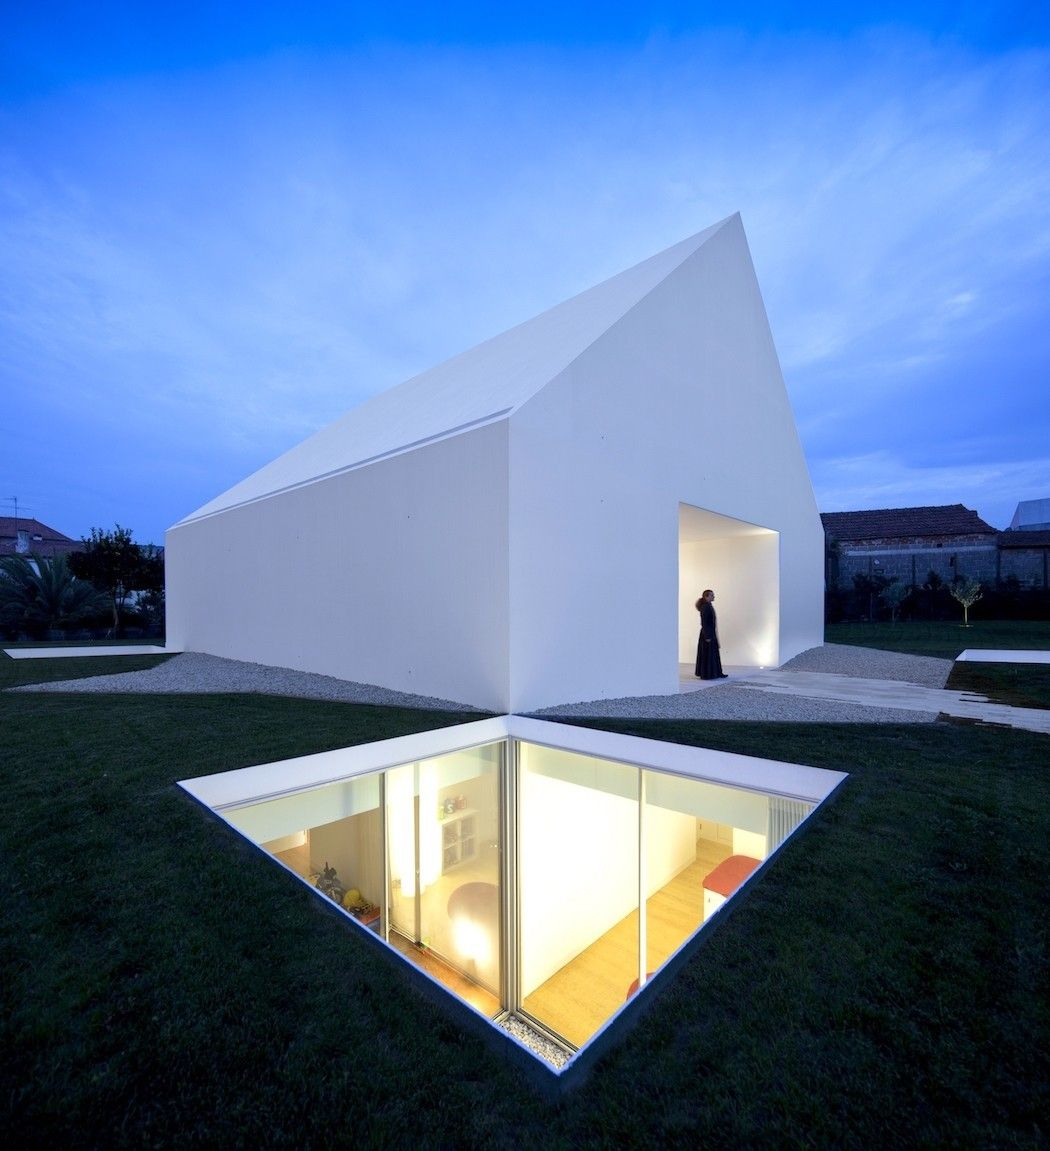 Maison blanche minimaliste au portugal par aires mateus for Architecture celebre